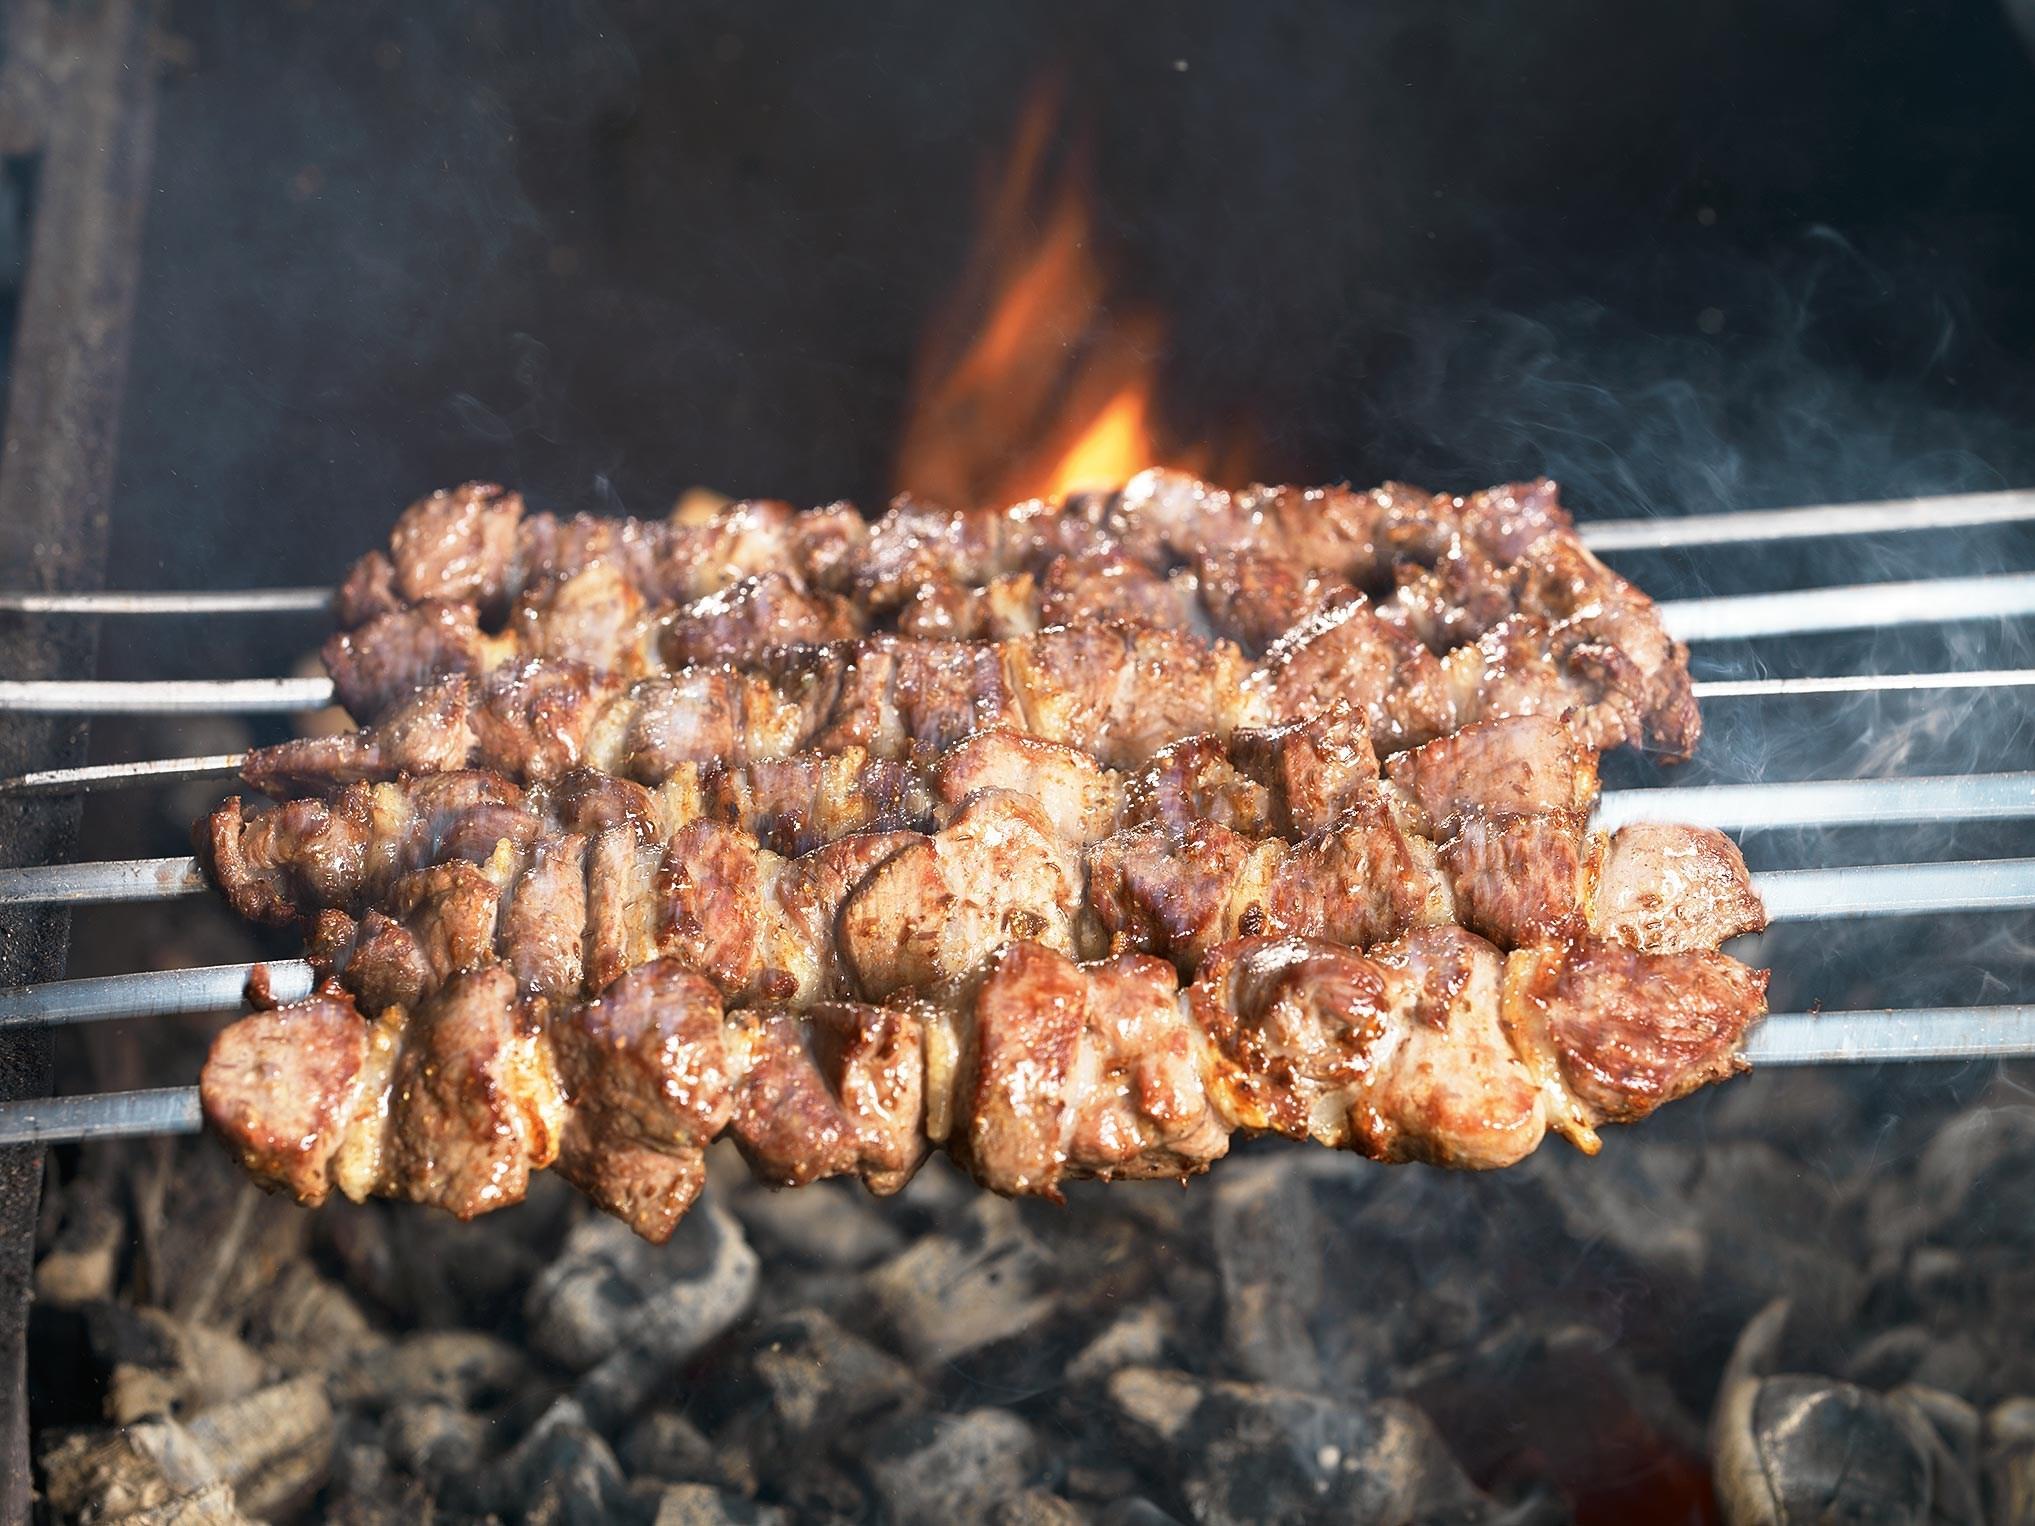 Шашлык из говядины чтобы мясо было мягким на мангале